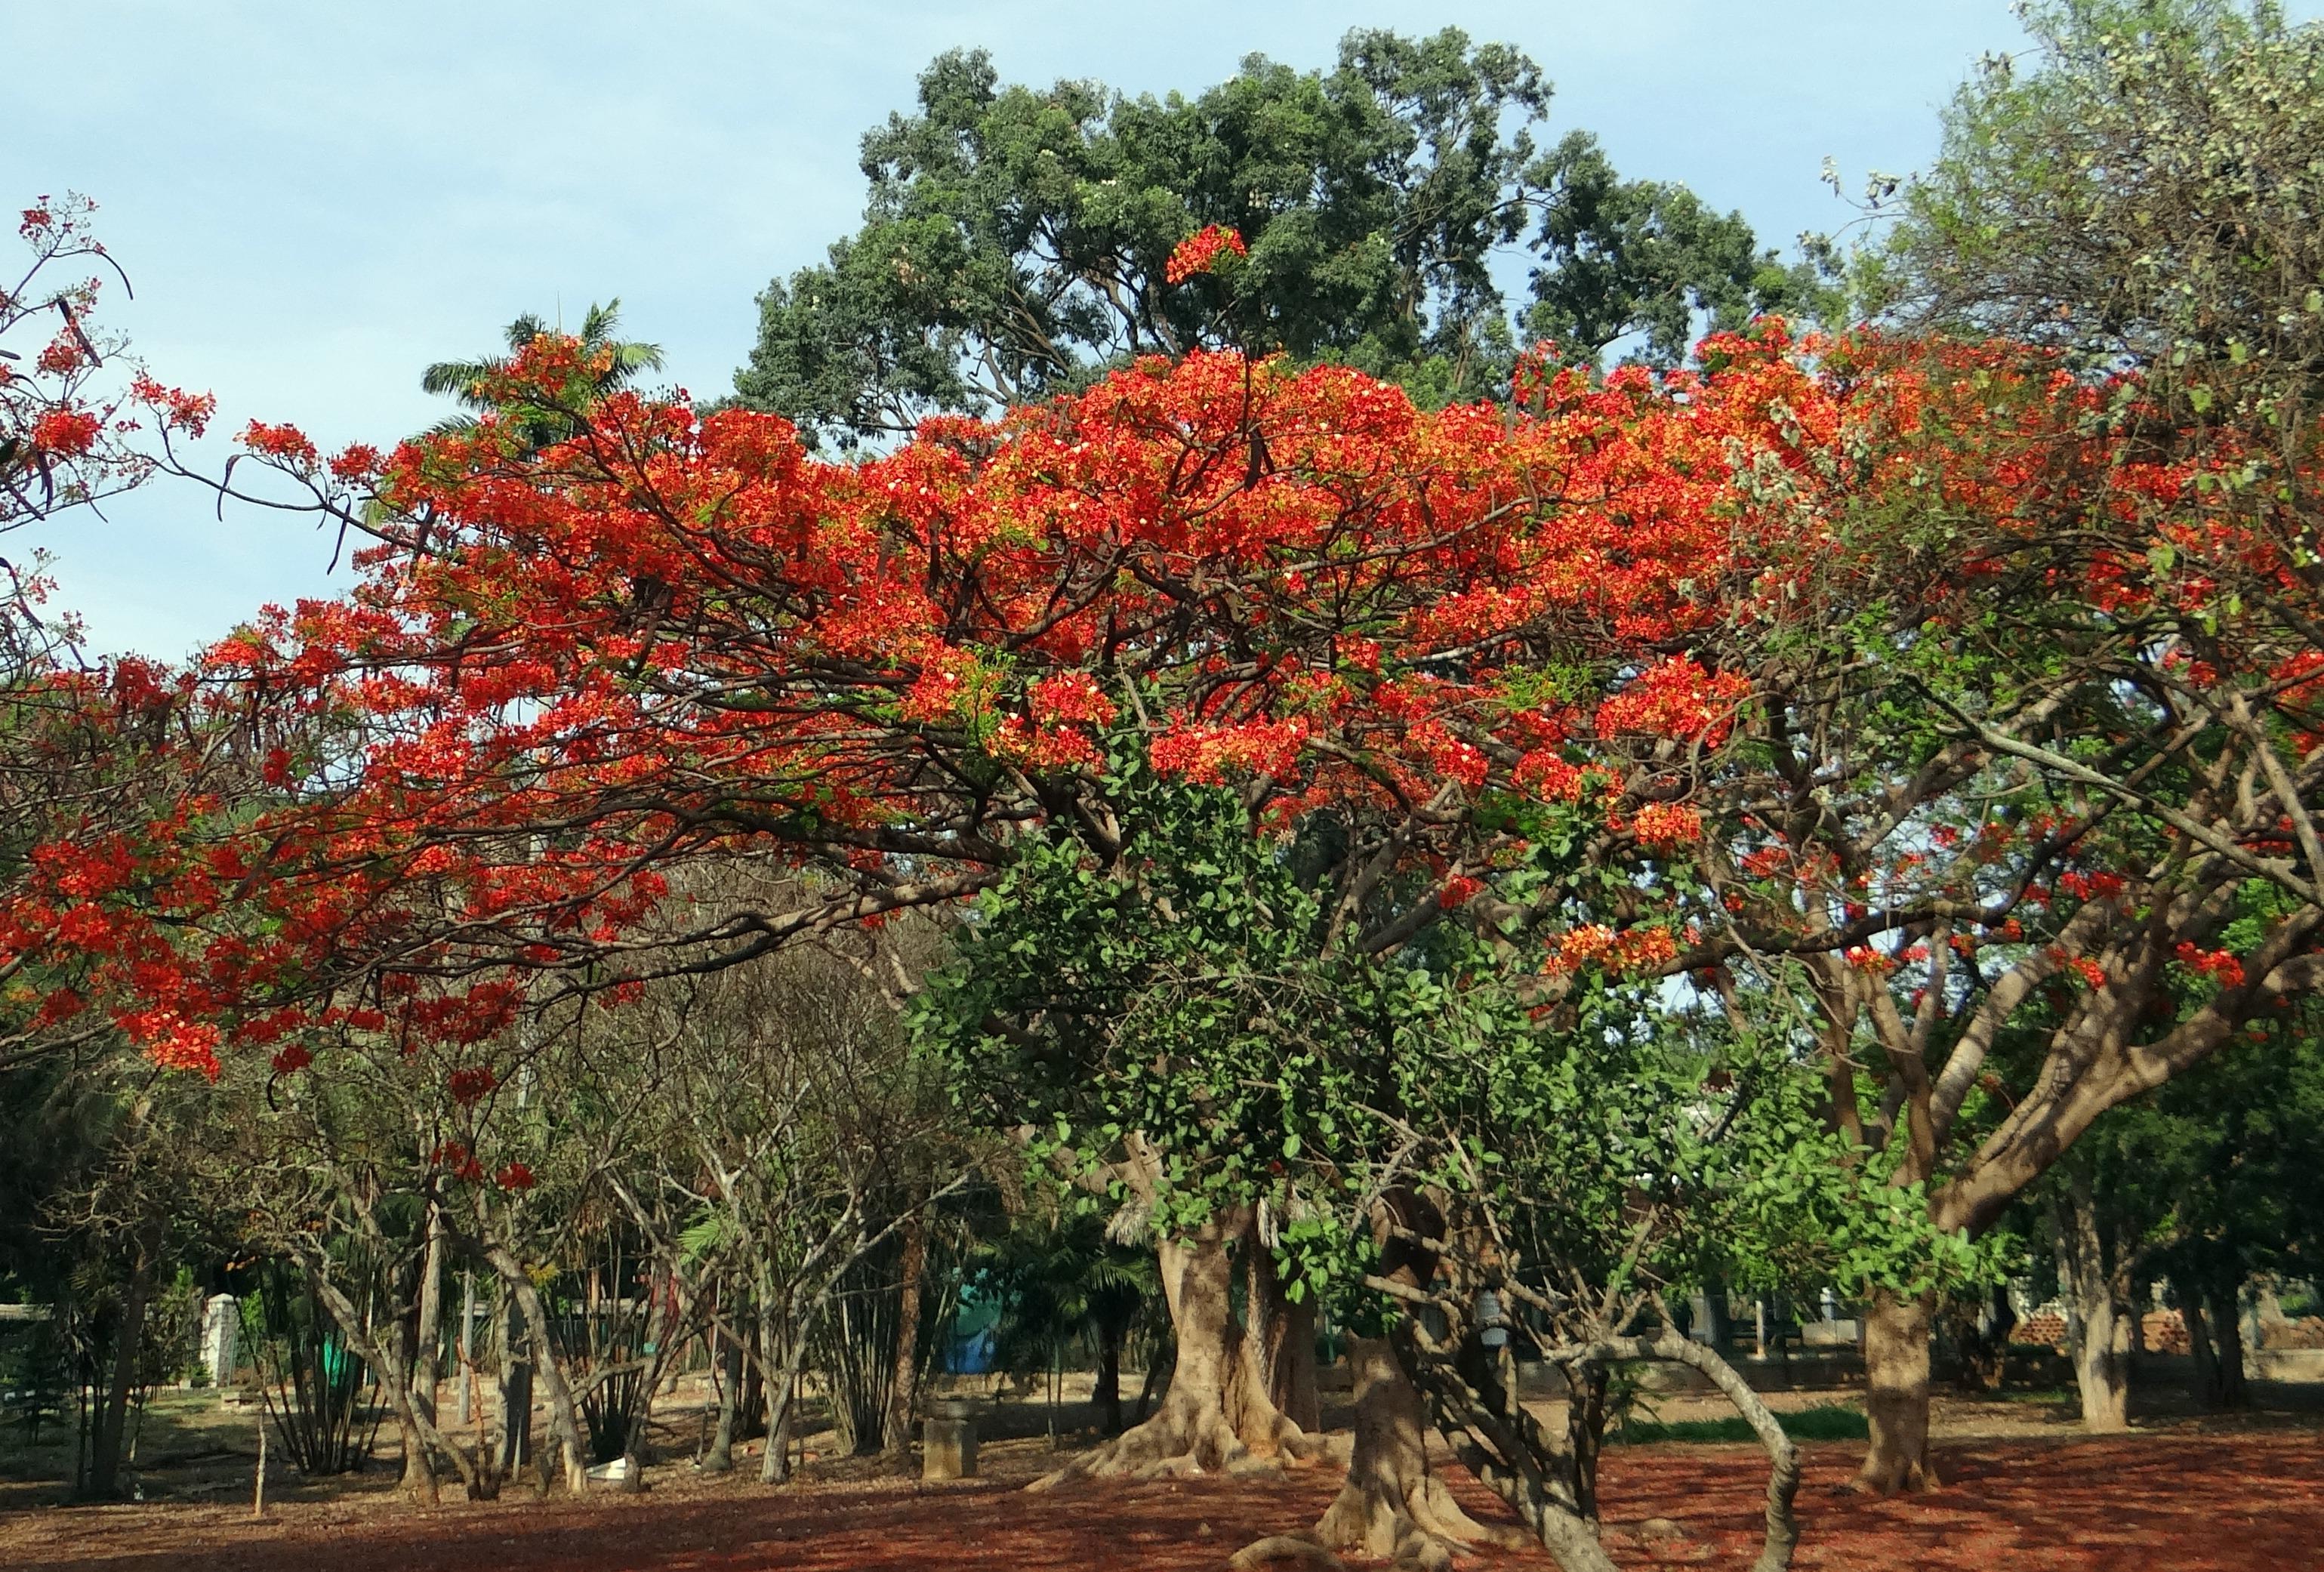 Images gratuites arbre feuille fleur rouge l 39 automne botanique saison arbuste inde - Arbres a fleurs rouges ...